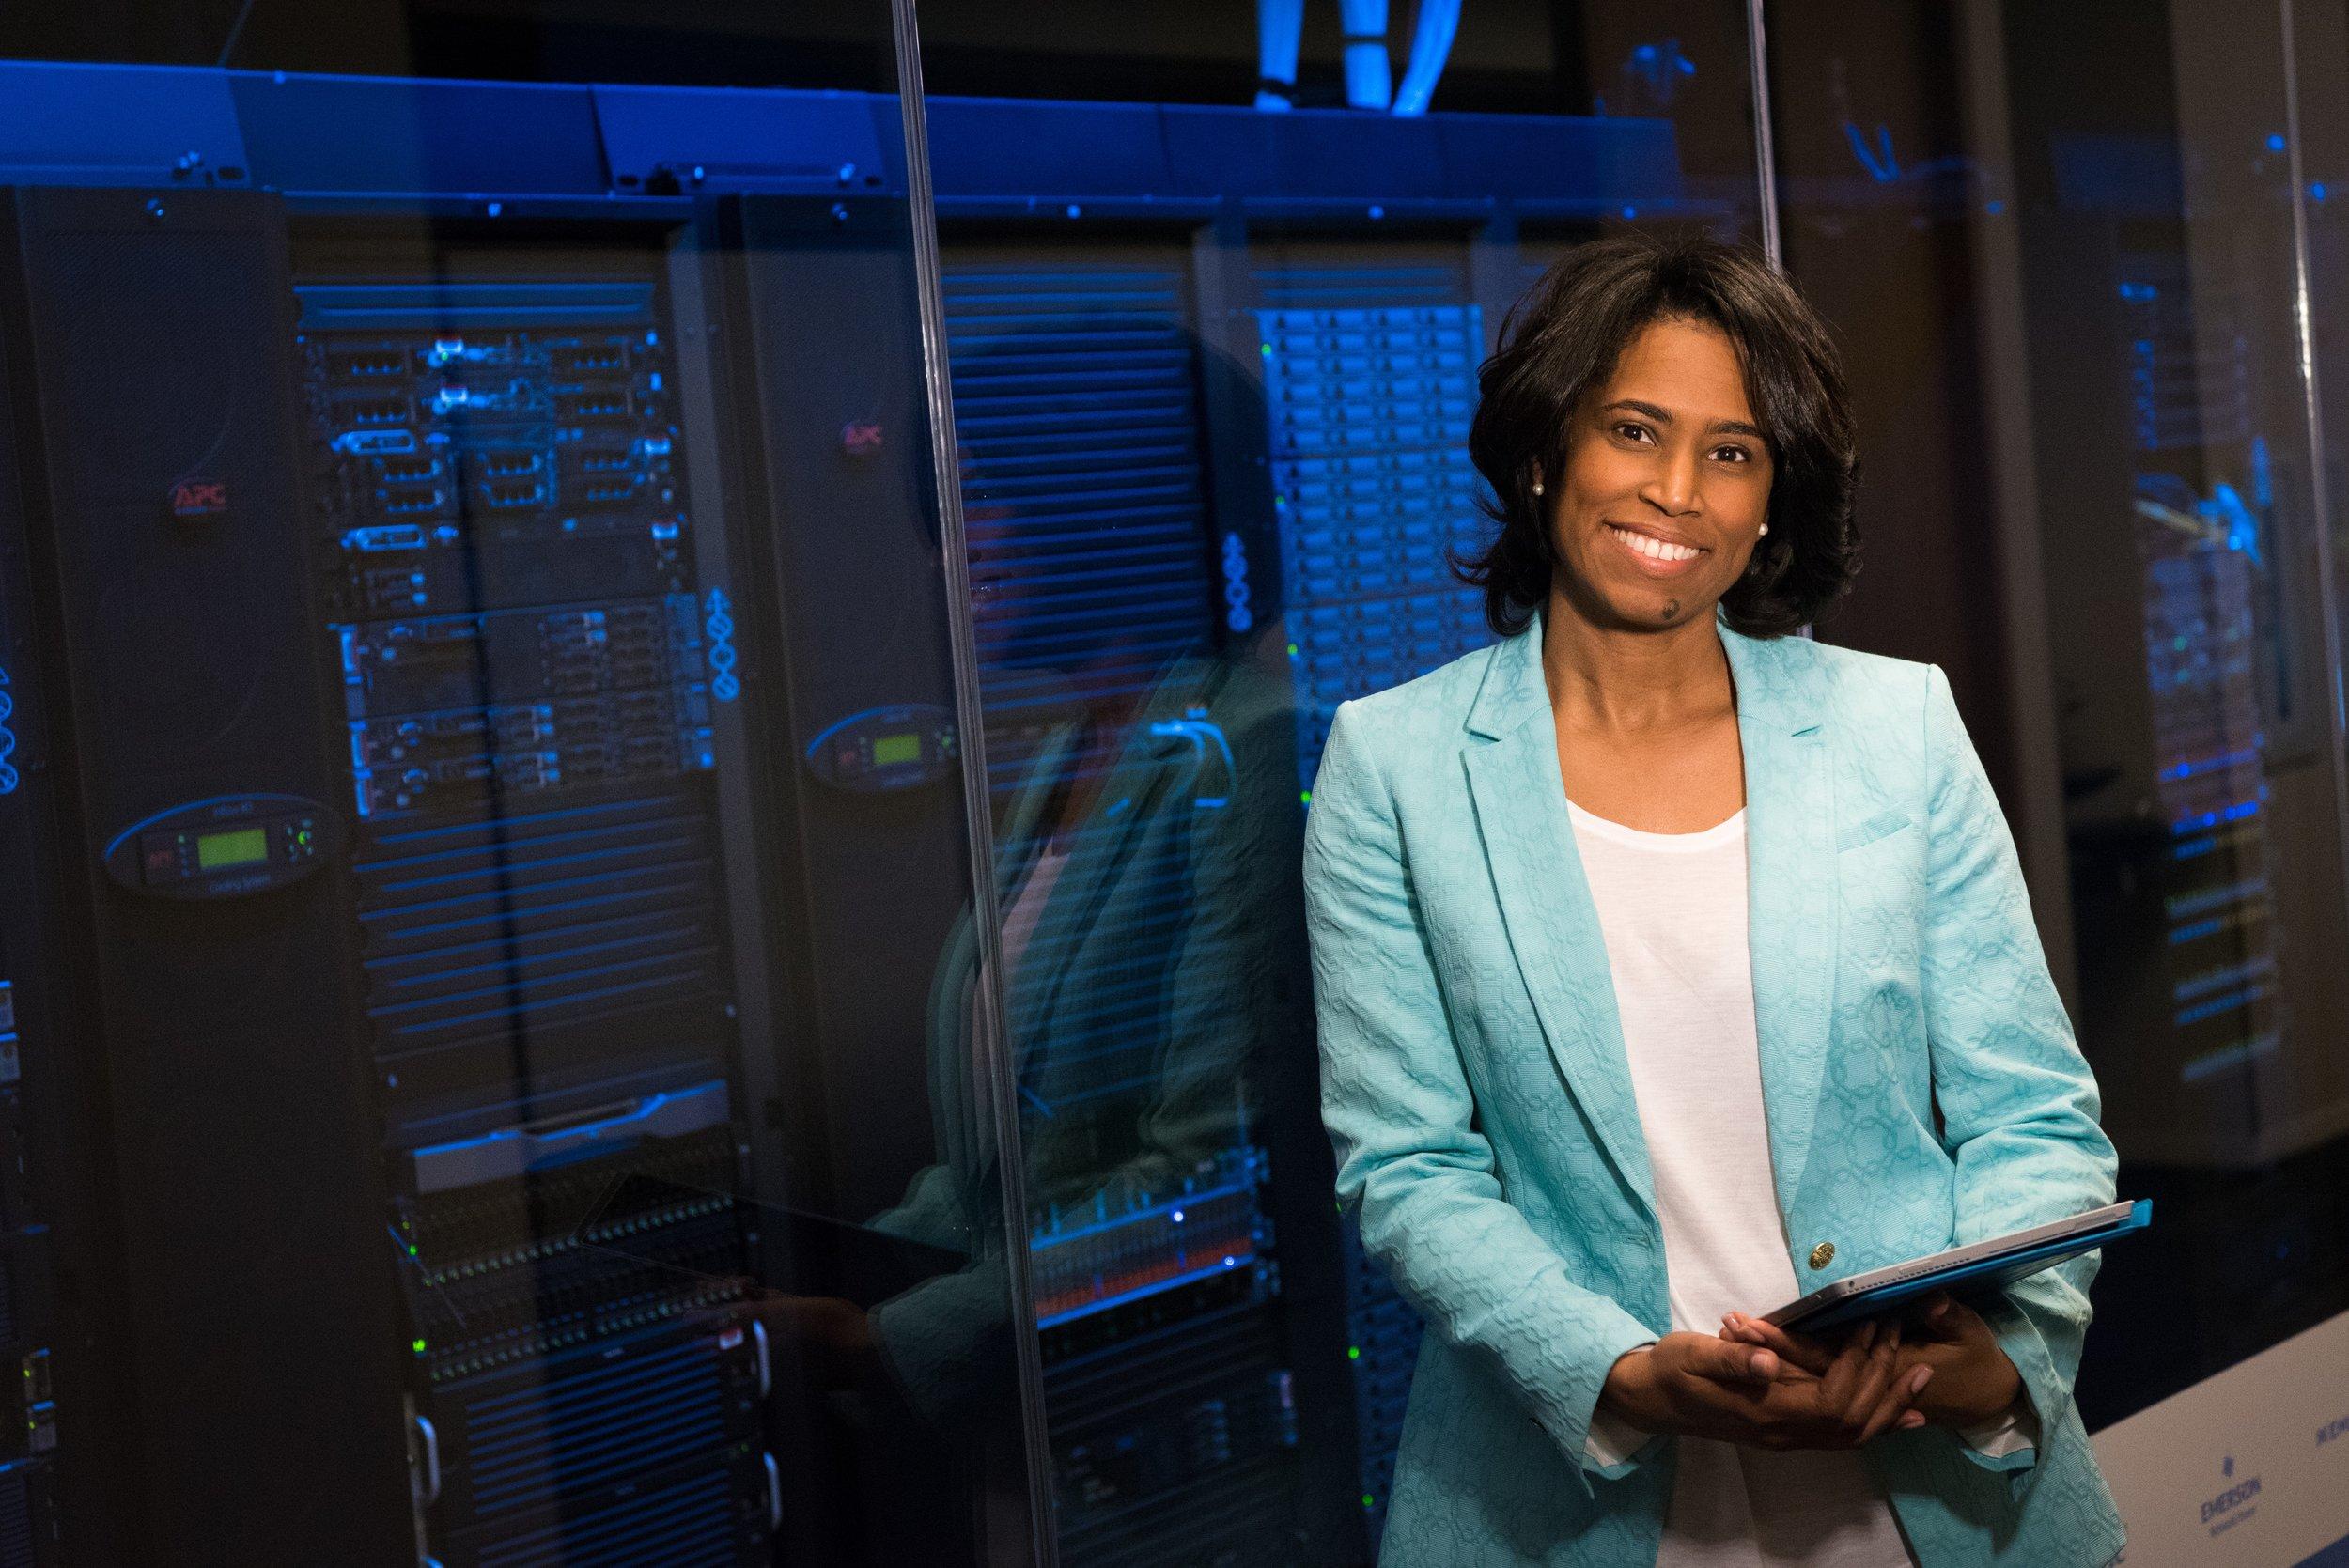 Woman in Technology Field